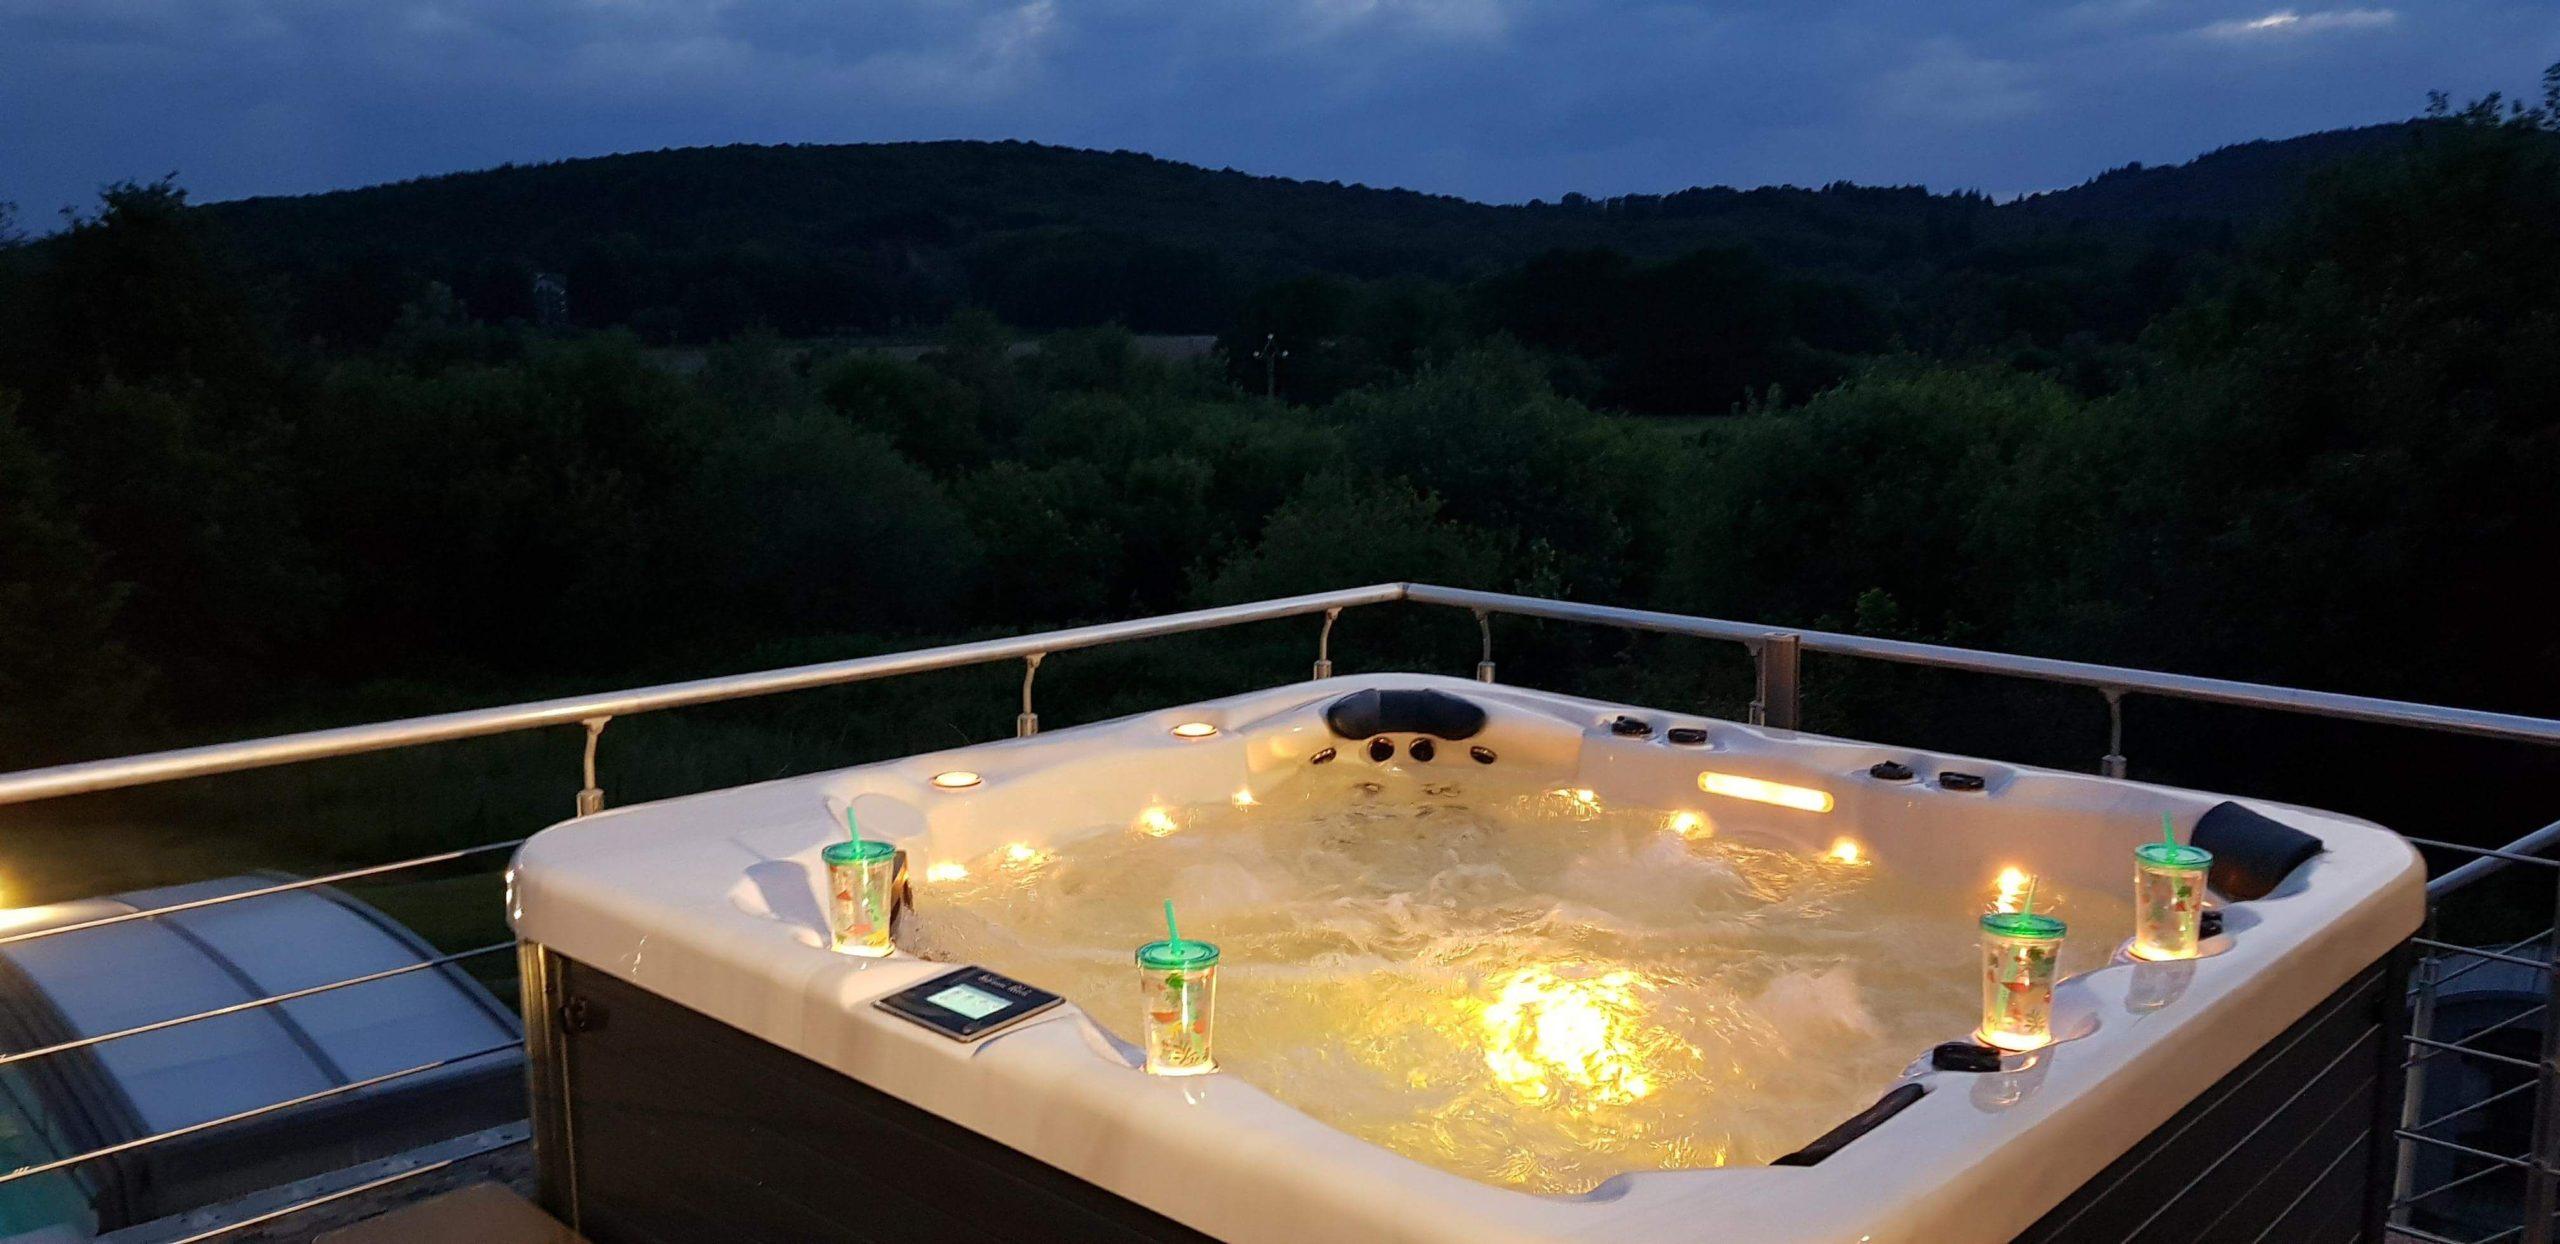 Spa Giovanni Ribolli de nuit